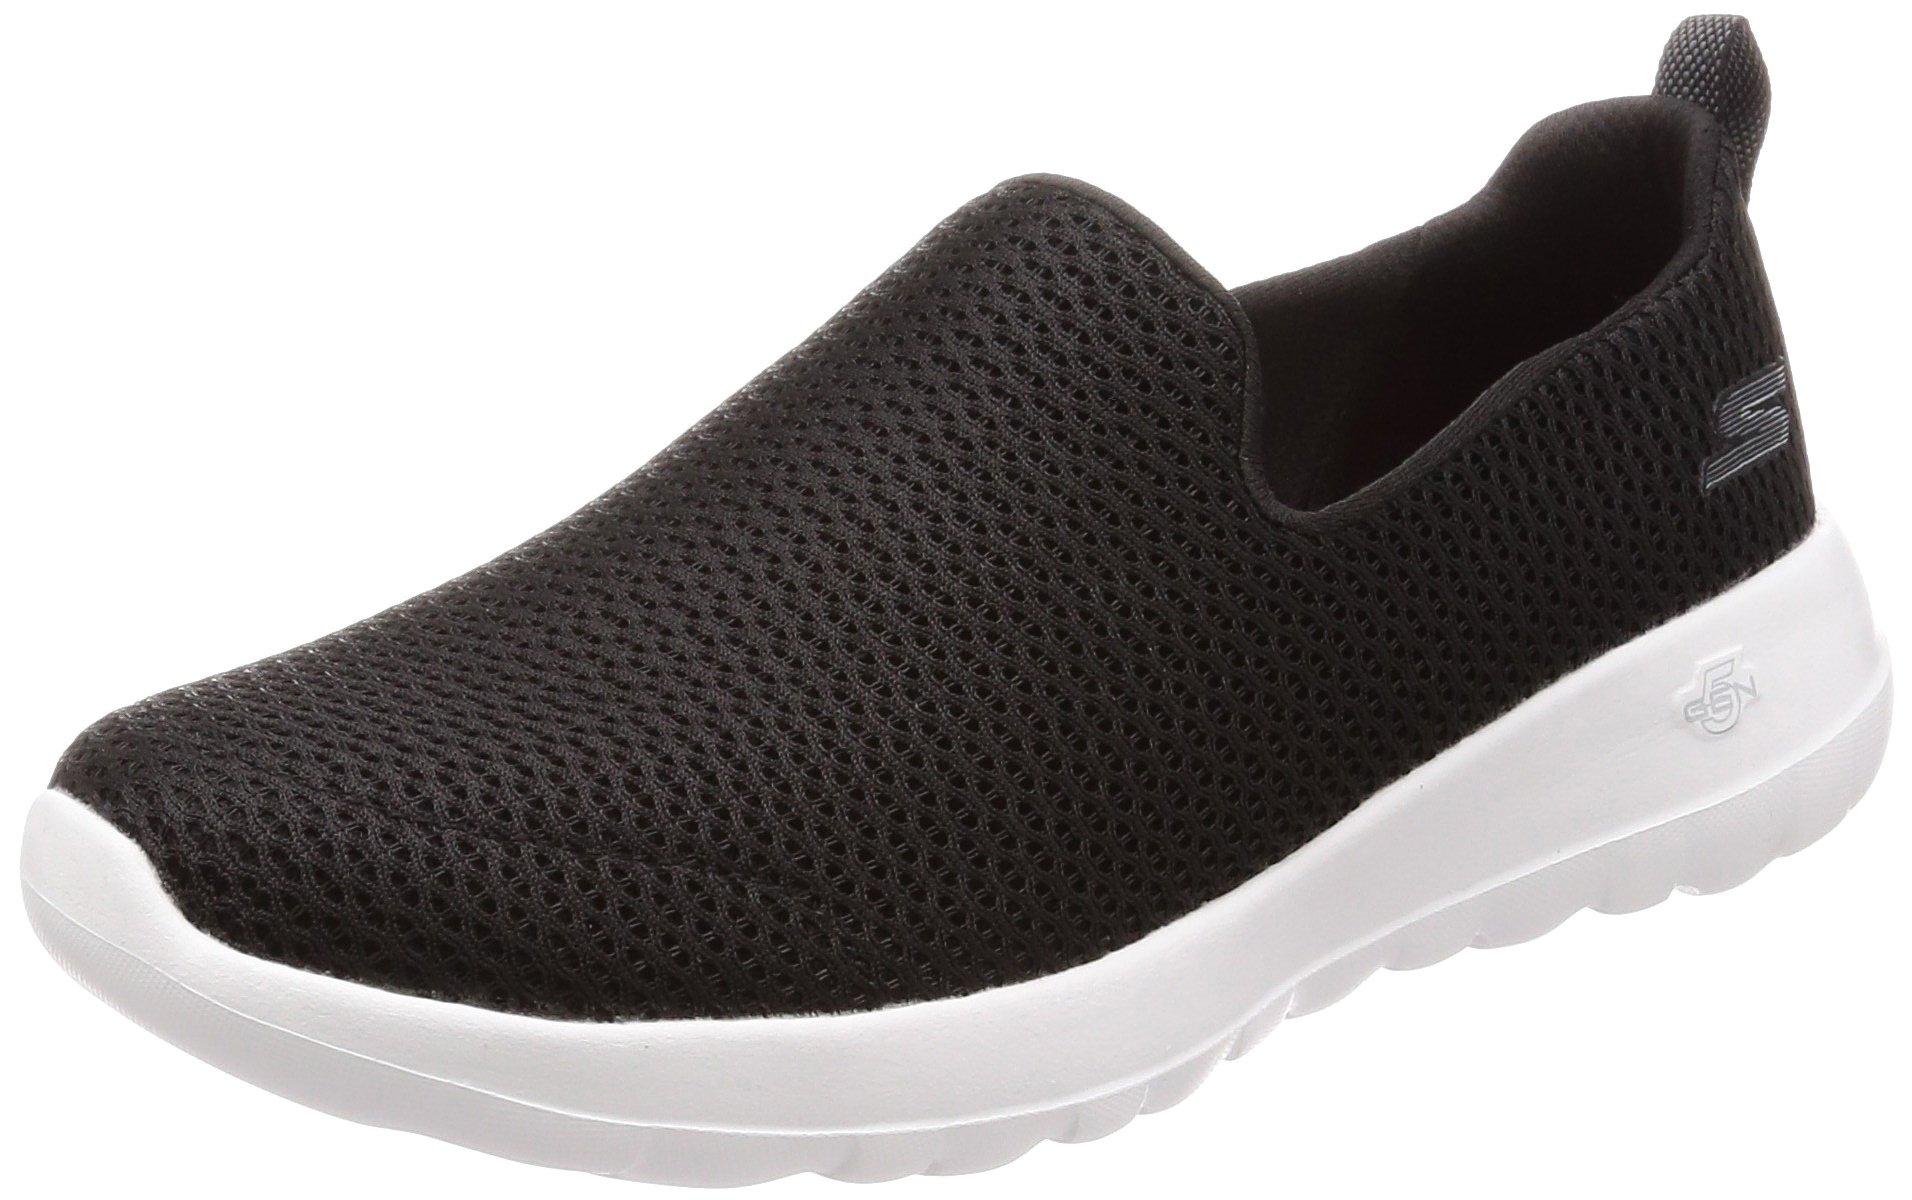 Skechers Performance Women's Go Walk Joy Walking Shoe,black/white,5 M US